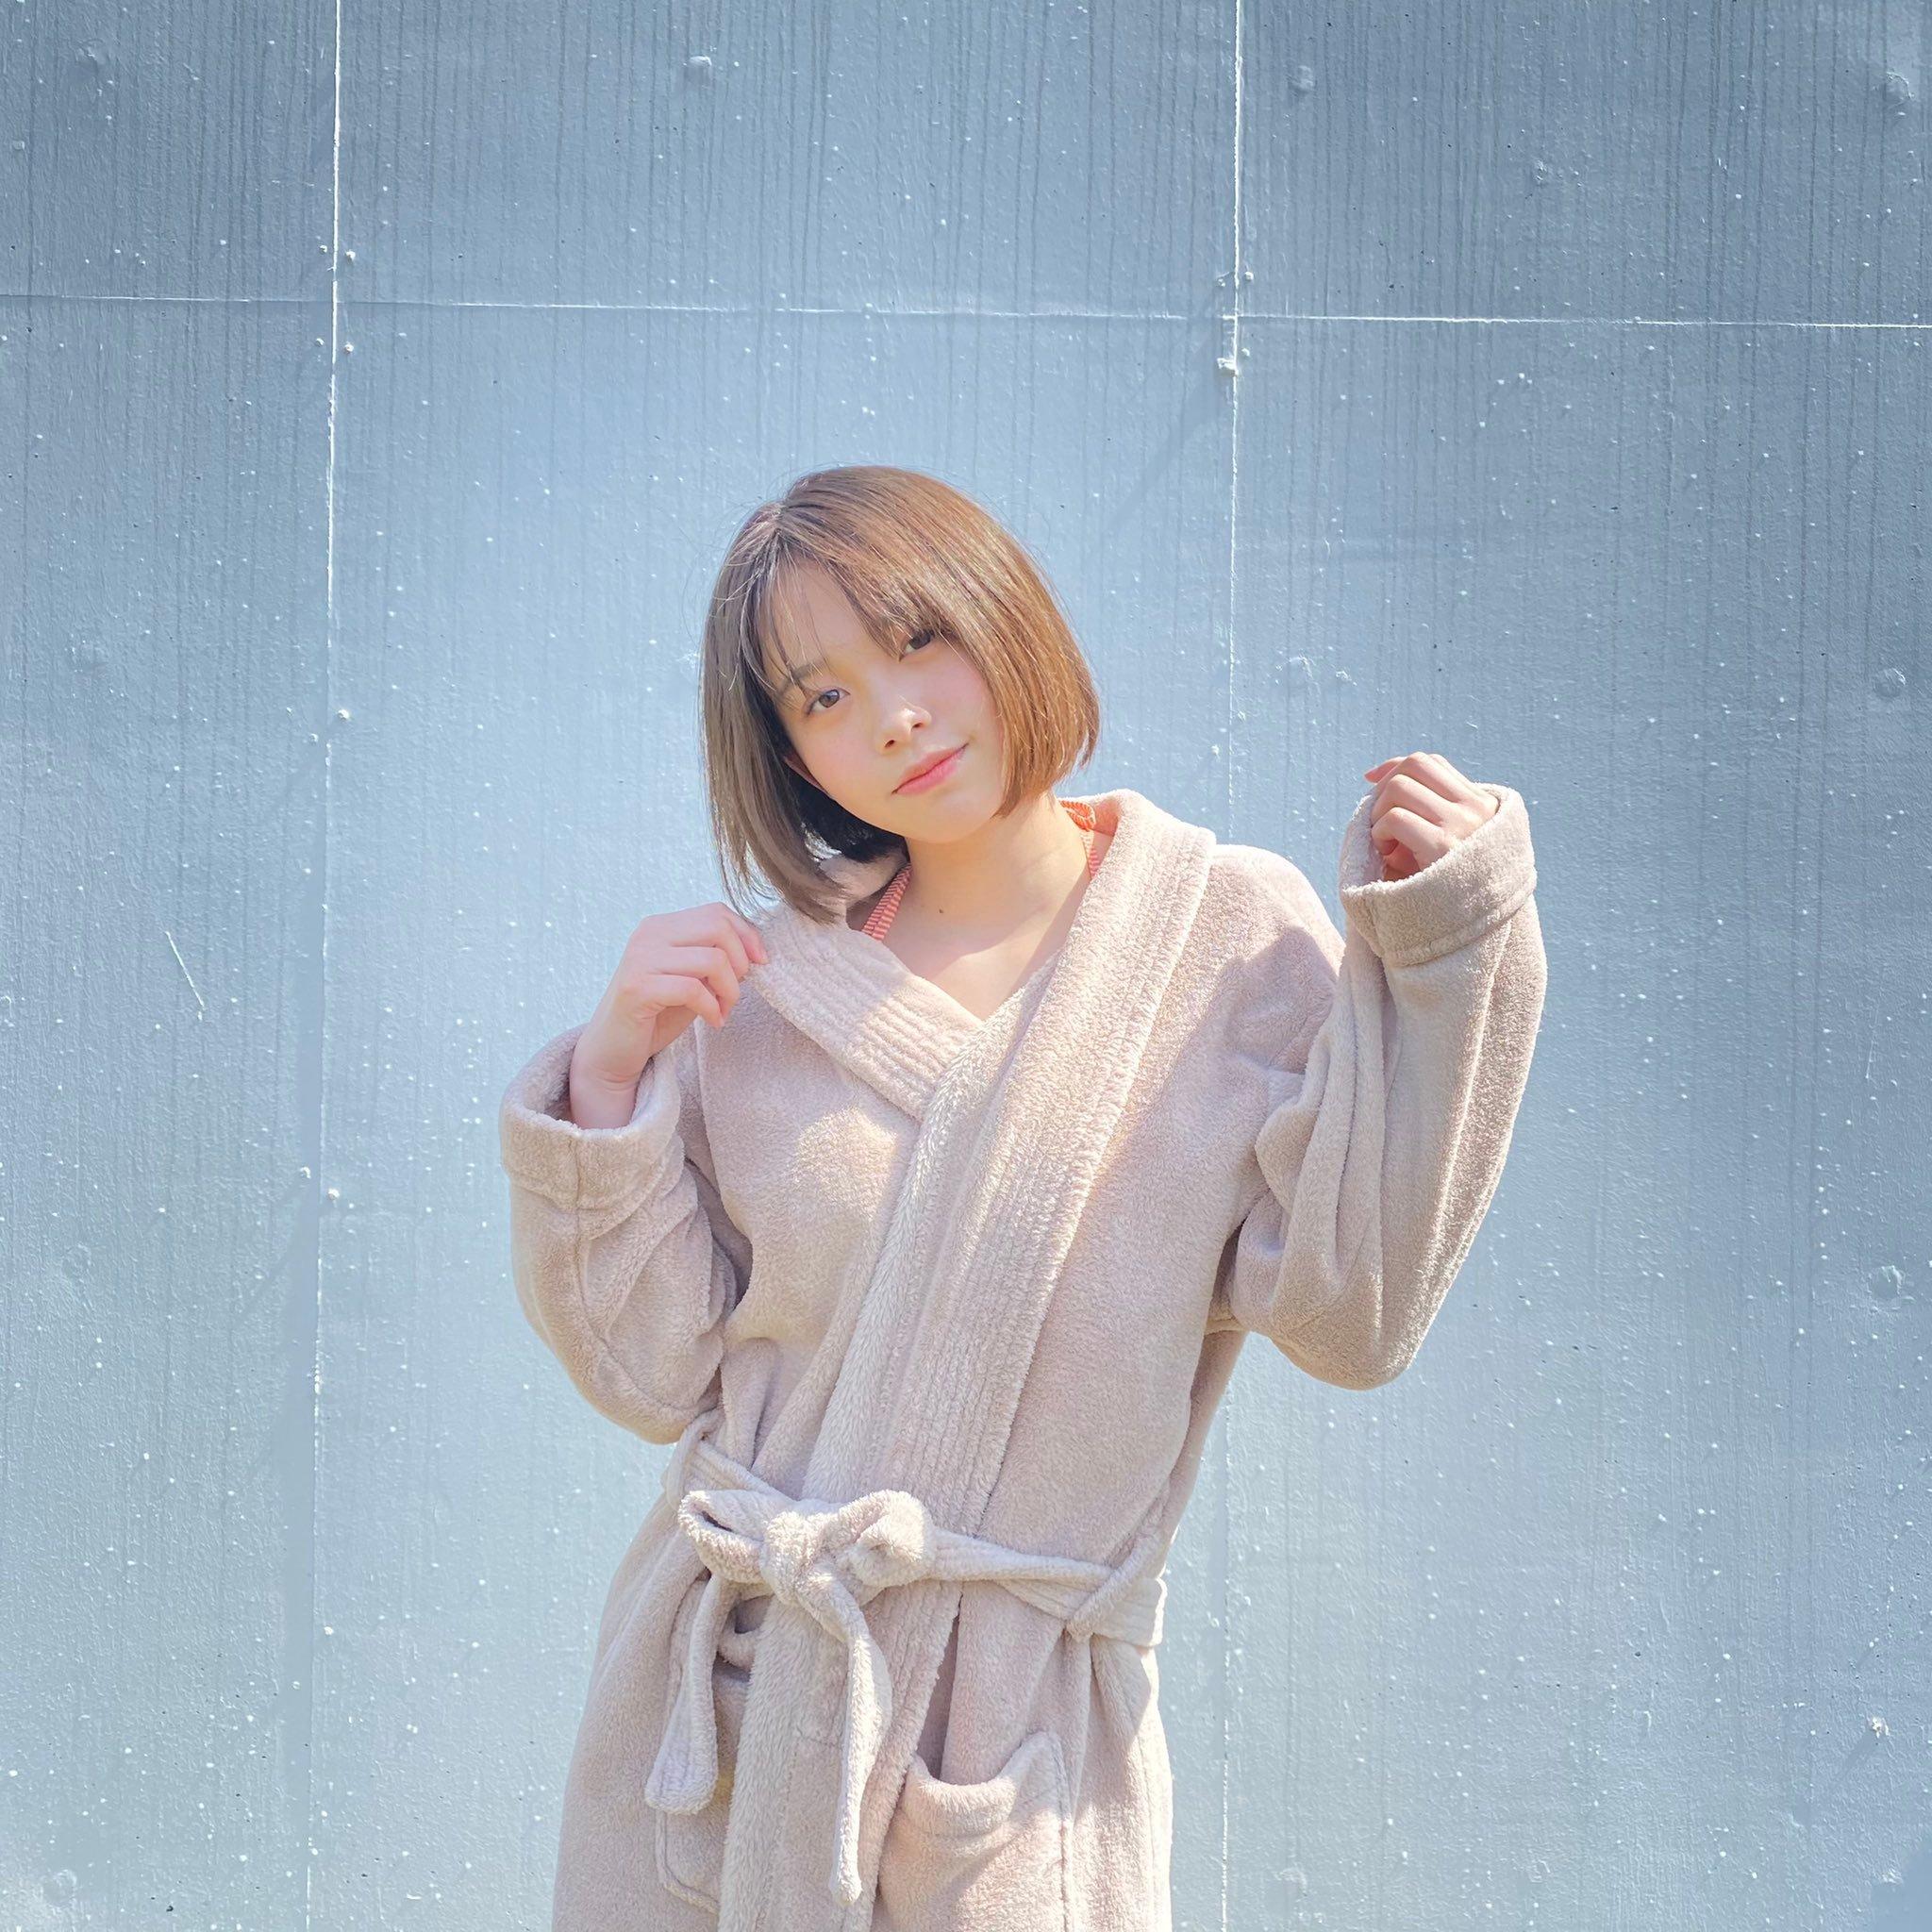 甜甜一笑,心情转好!18岁妹「新田步凪」比基尼解放纤腰、事业线